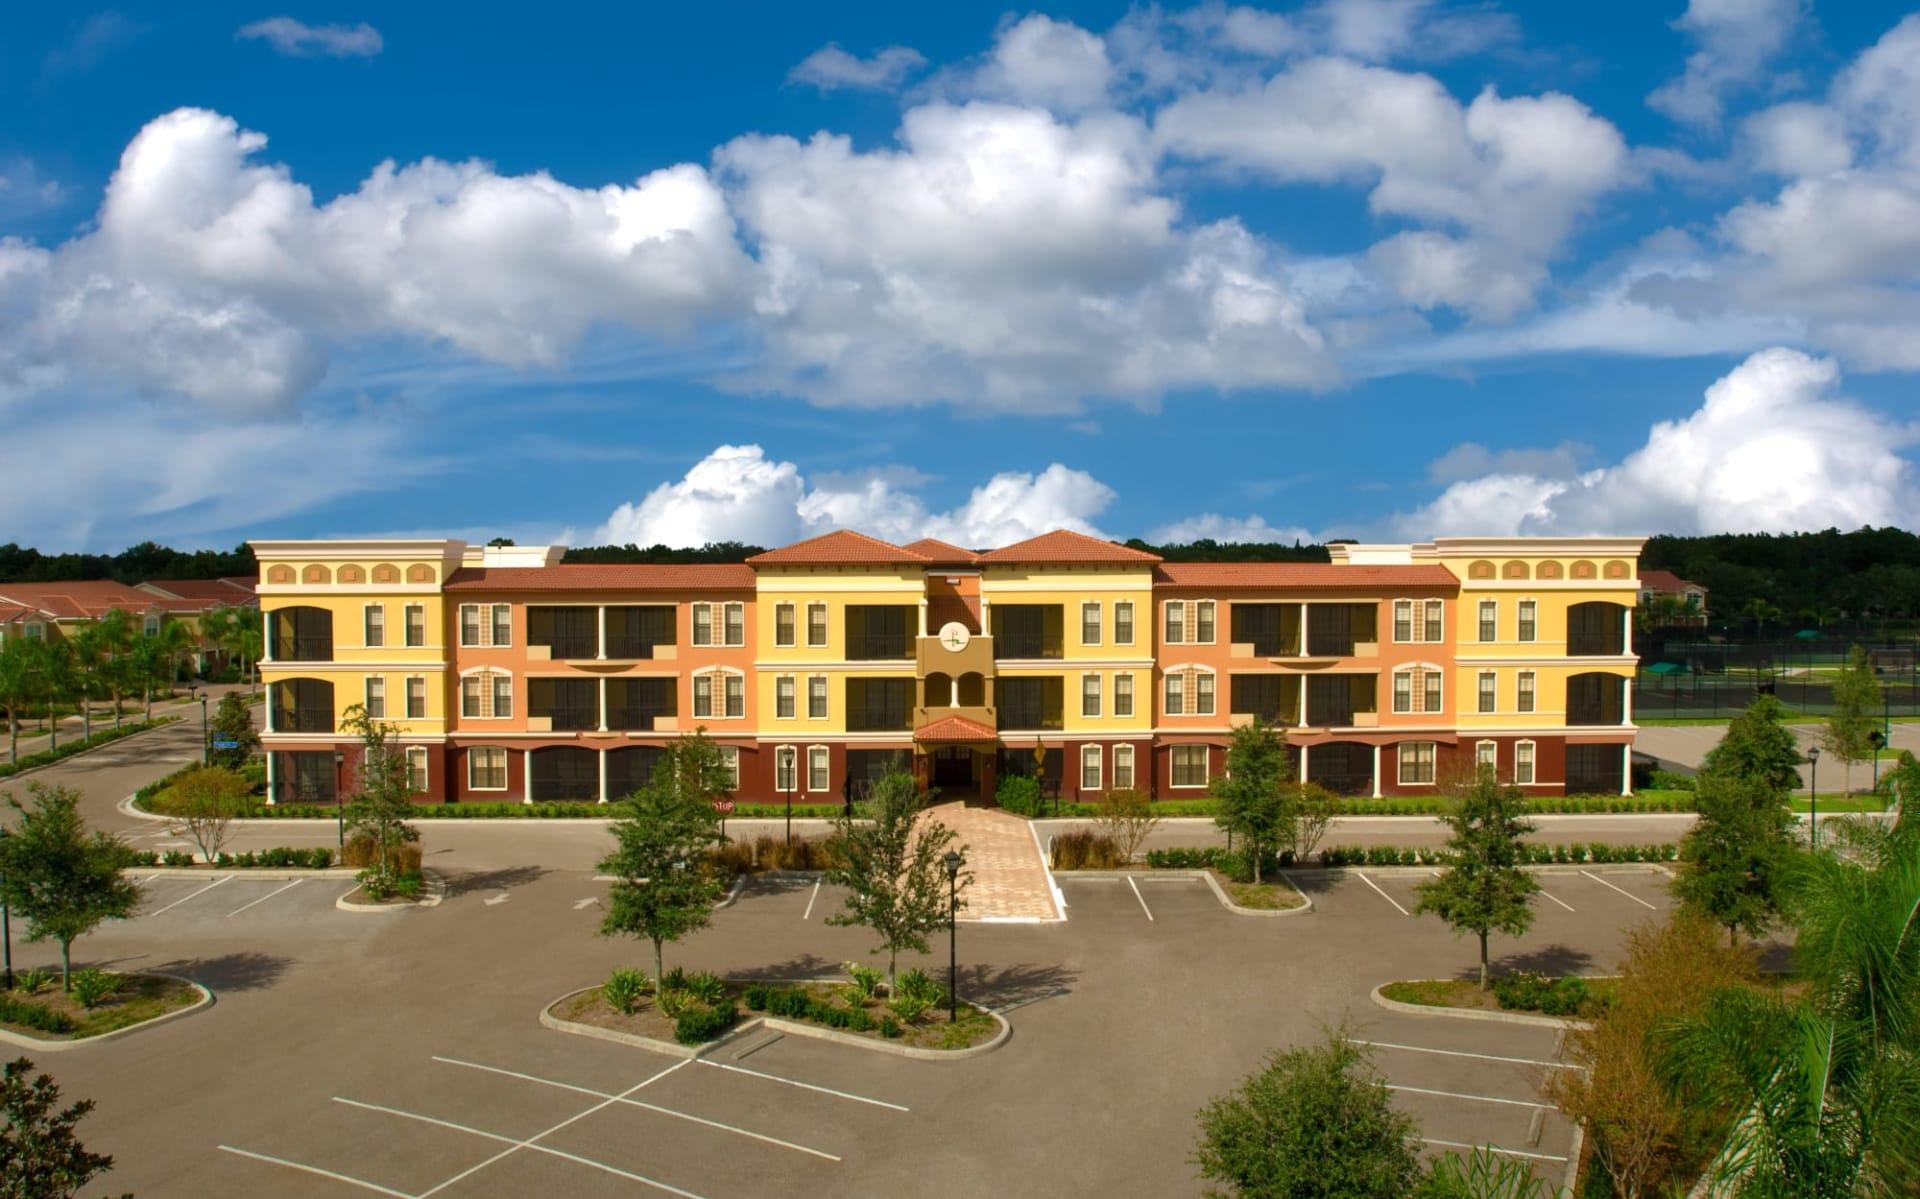 Emerald Condo Resort in Bradenton Beach: Emerald Condo Resort - Aussenansicht